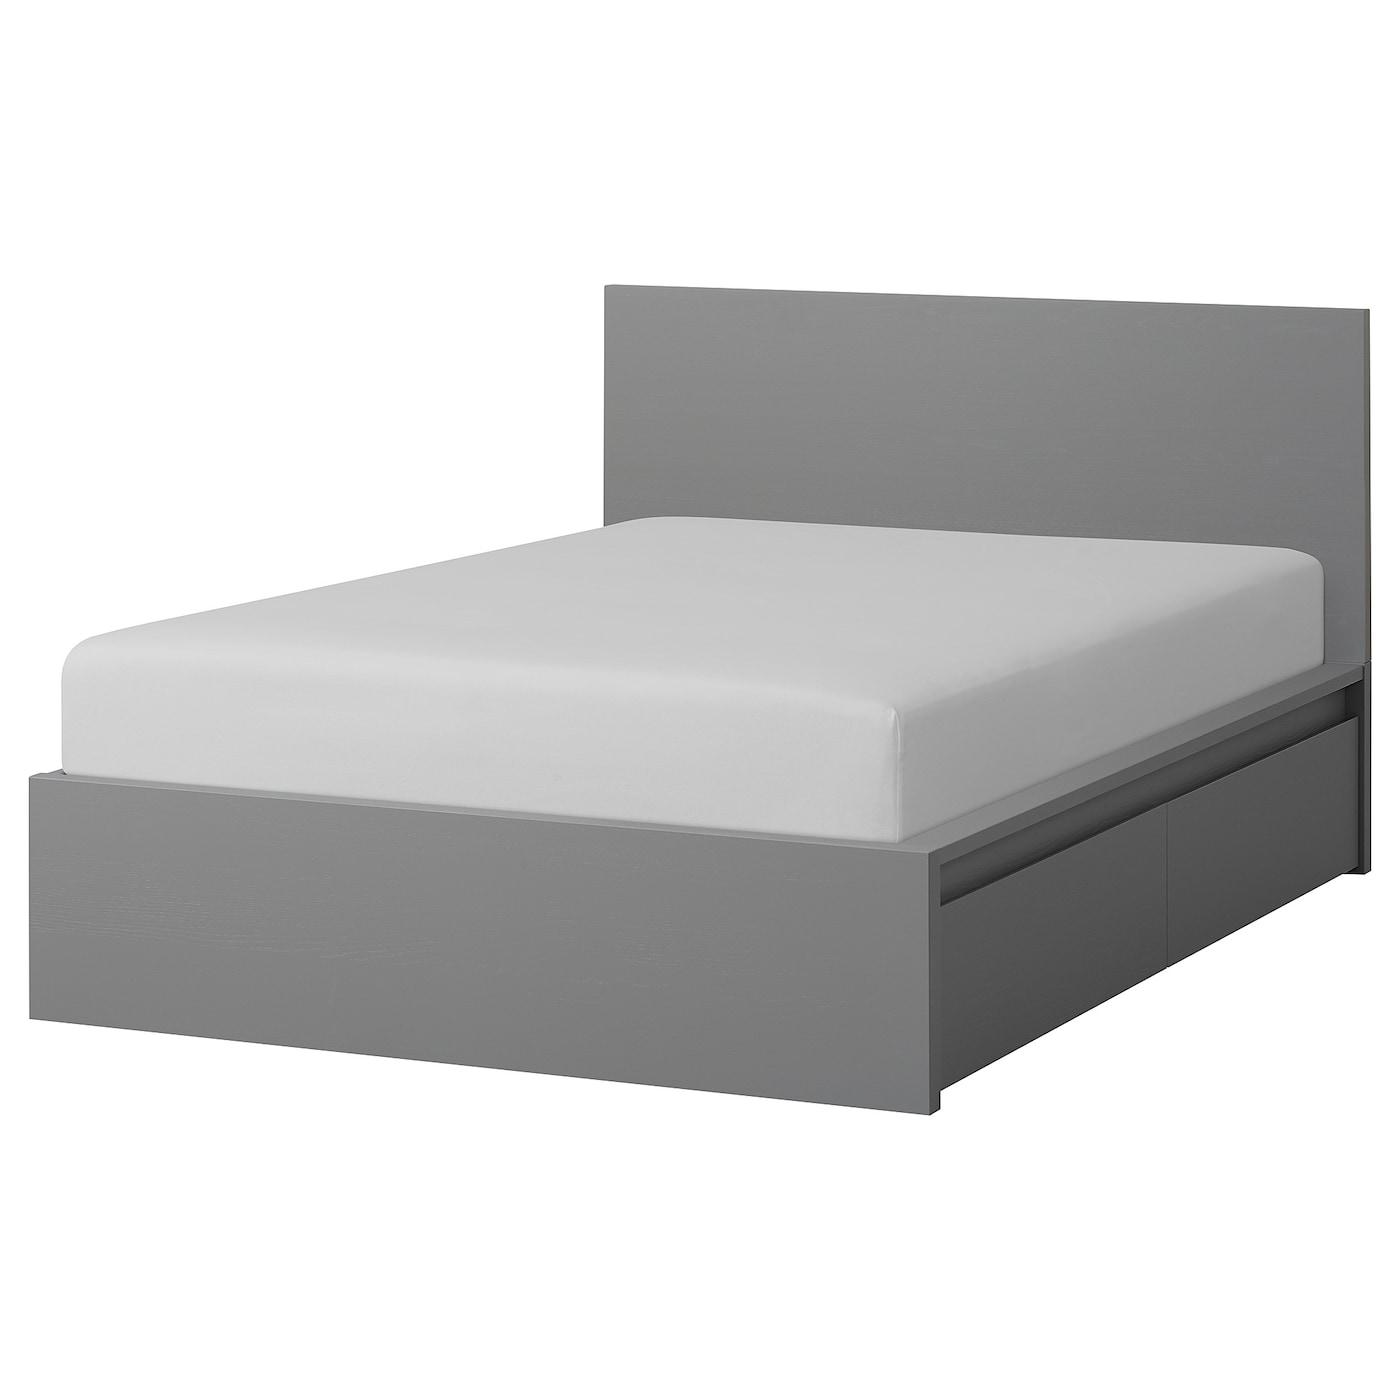 Malm Bettgestell Hoch Mit 4 Schubladen Grau Las Ikea Osterreich